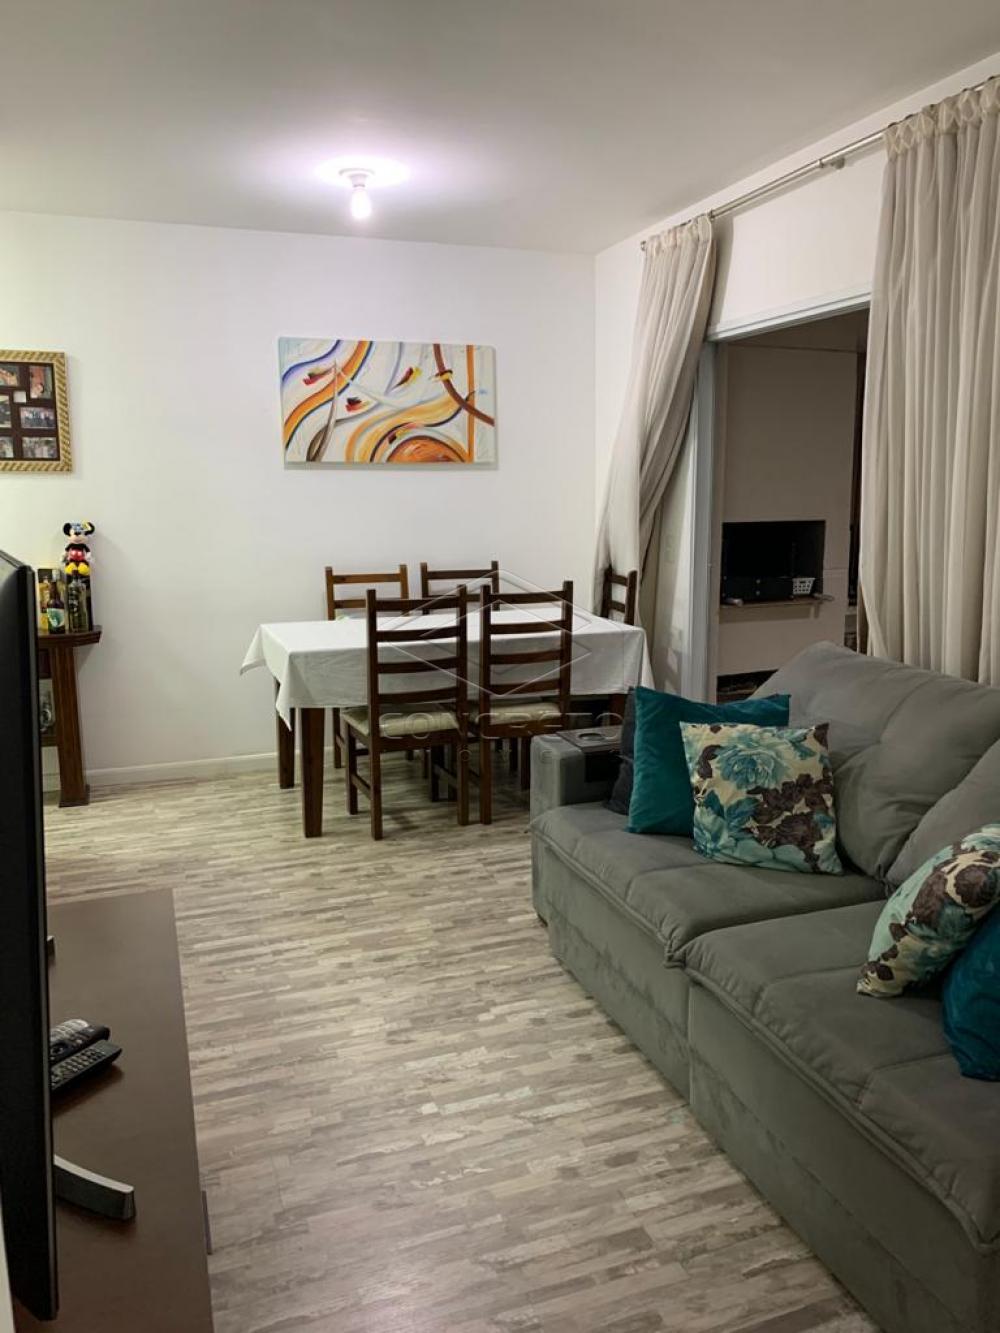 Comprar Apartamento / Padrão em Bauru R$ 280.000,00 - Foto 5